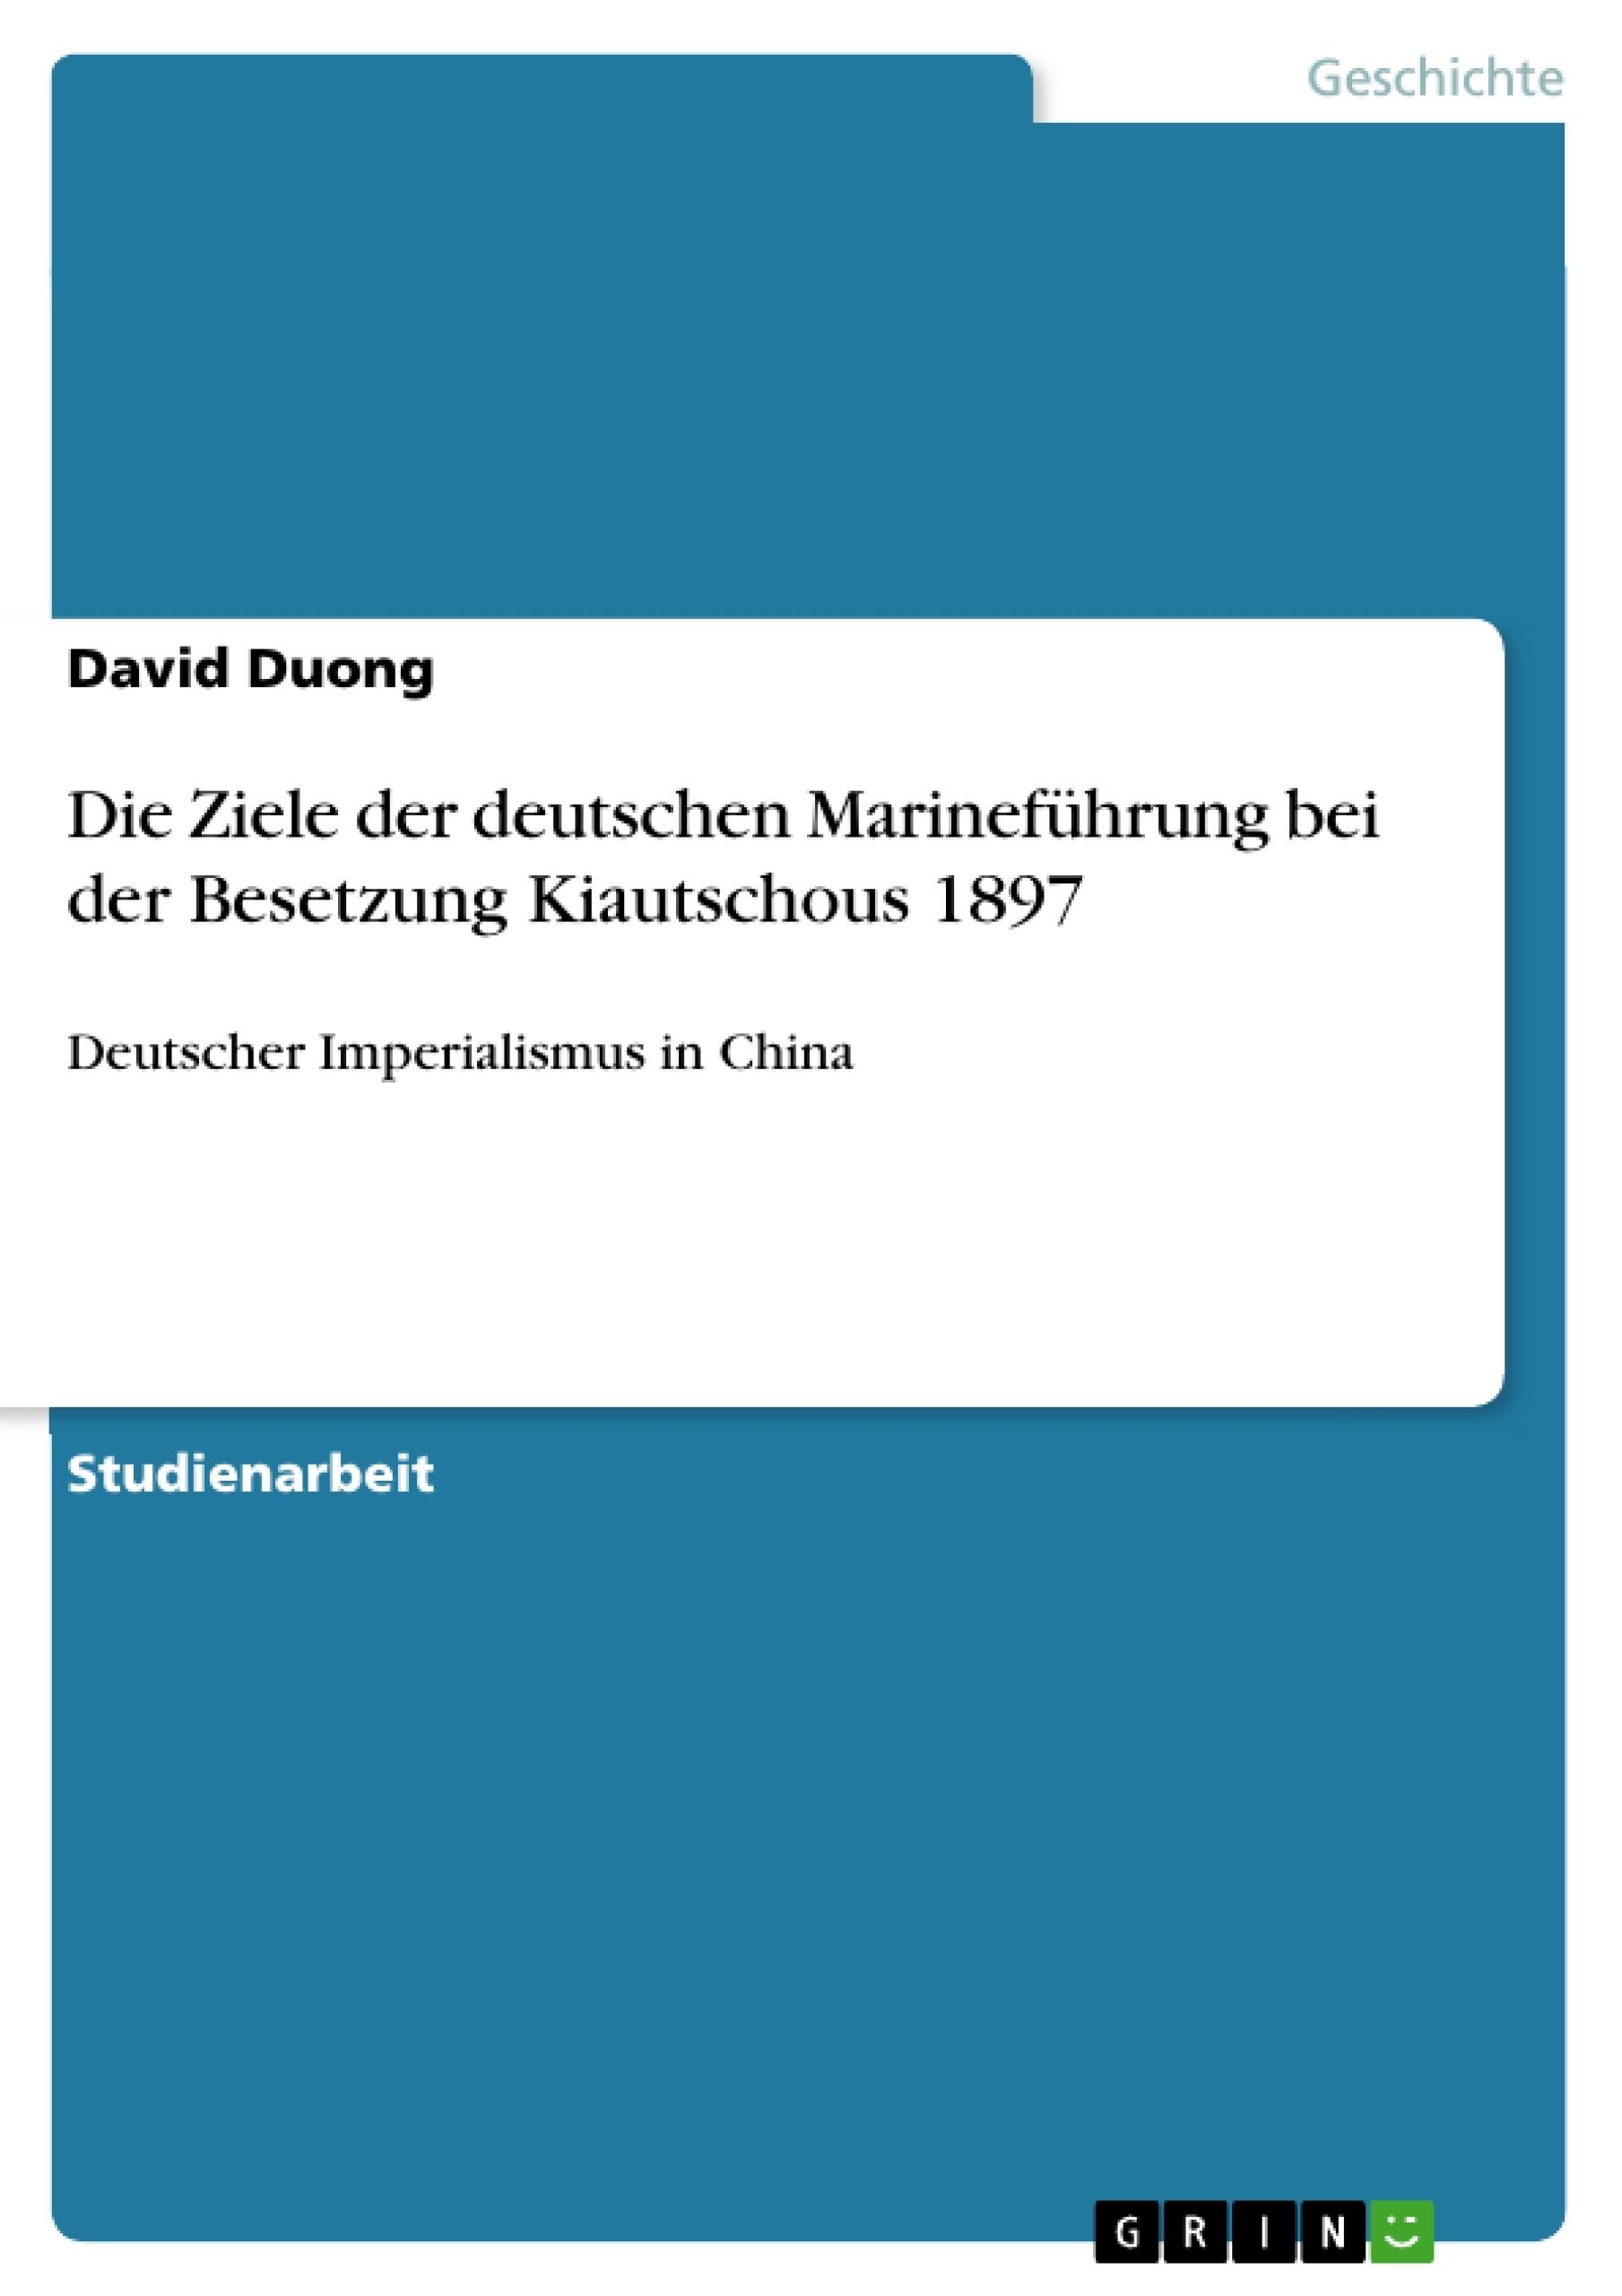 Titel: Die Ziele der deutschen Marineführung bei der Besetzung Kiautschous 1897